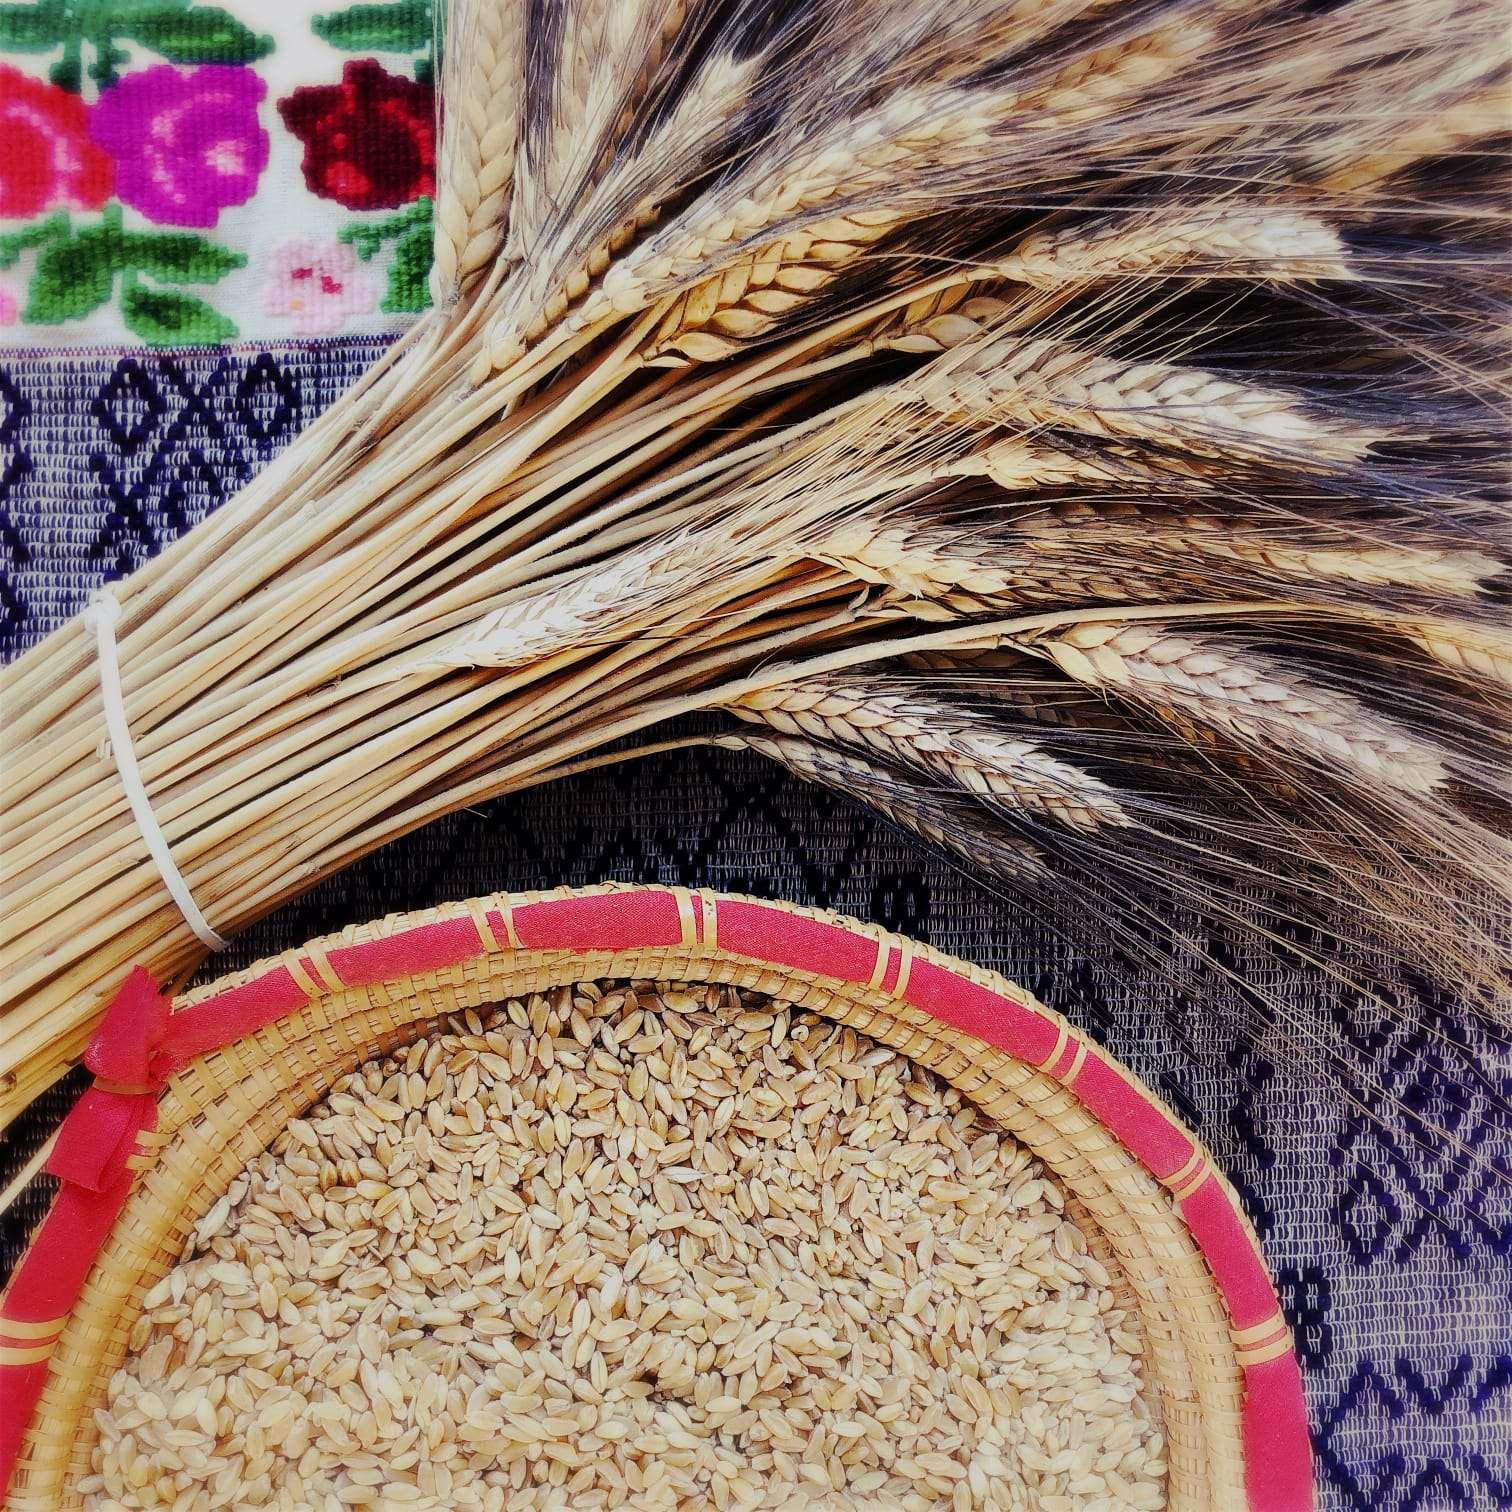 Cultura del grano in Sardegna-spighe